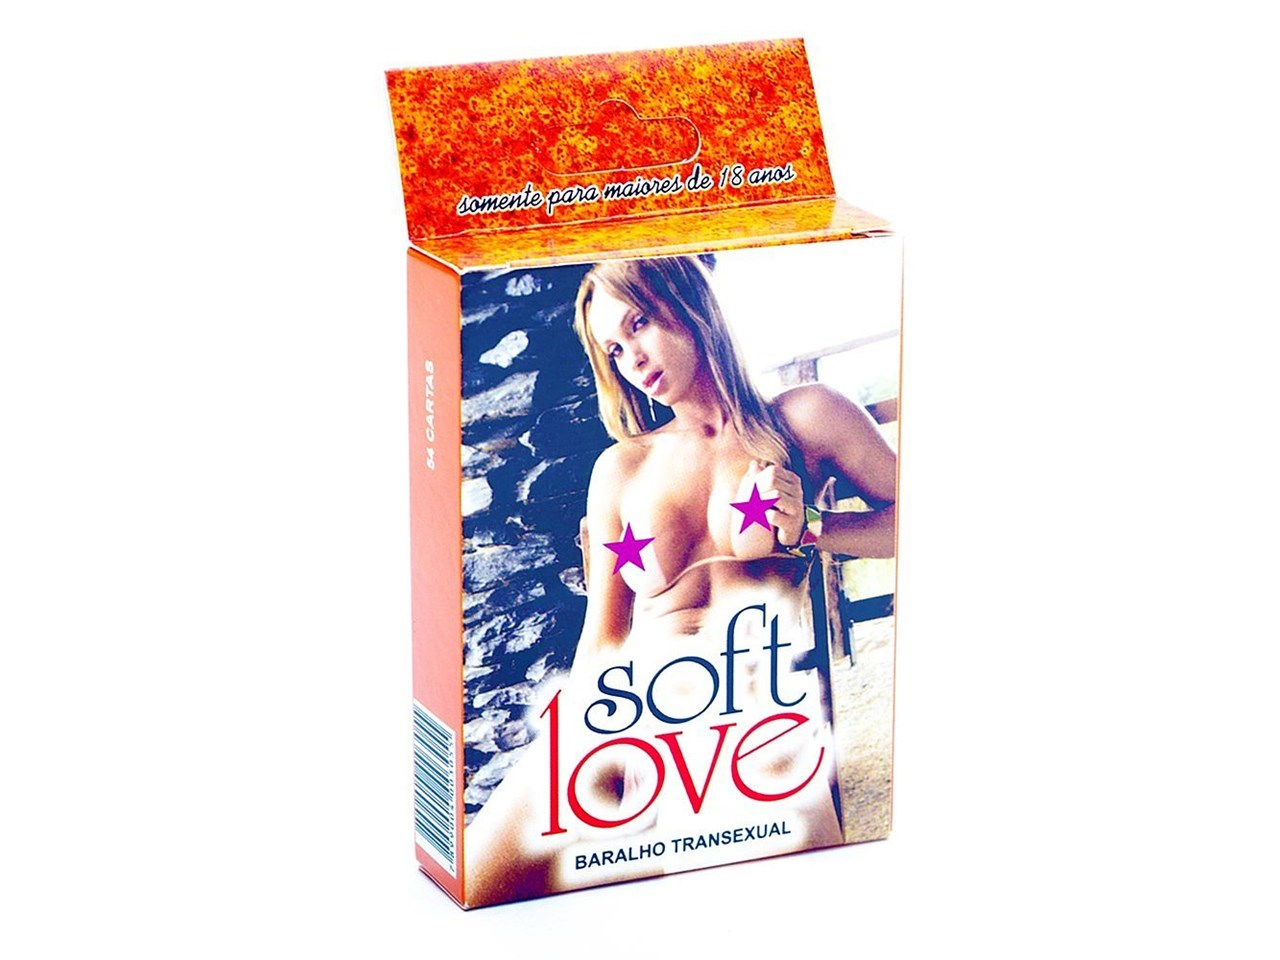 Baralho Erótico Transexual 54 Cartas  - Soft Love